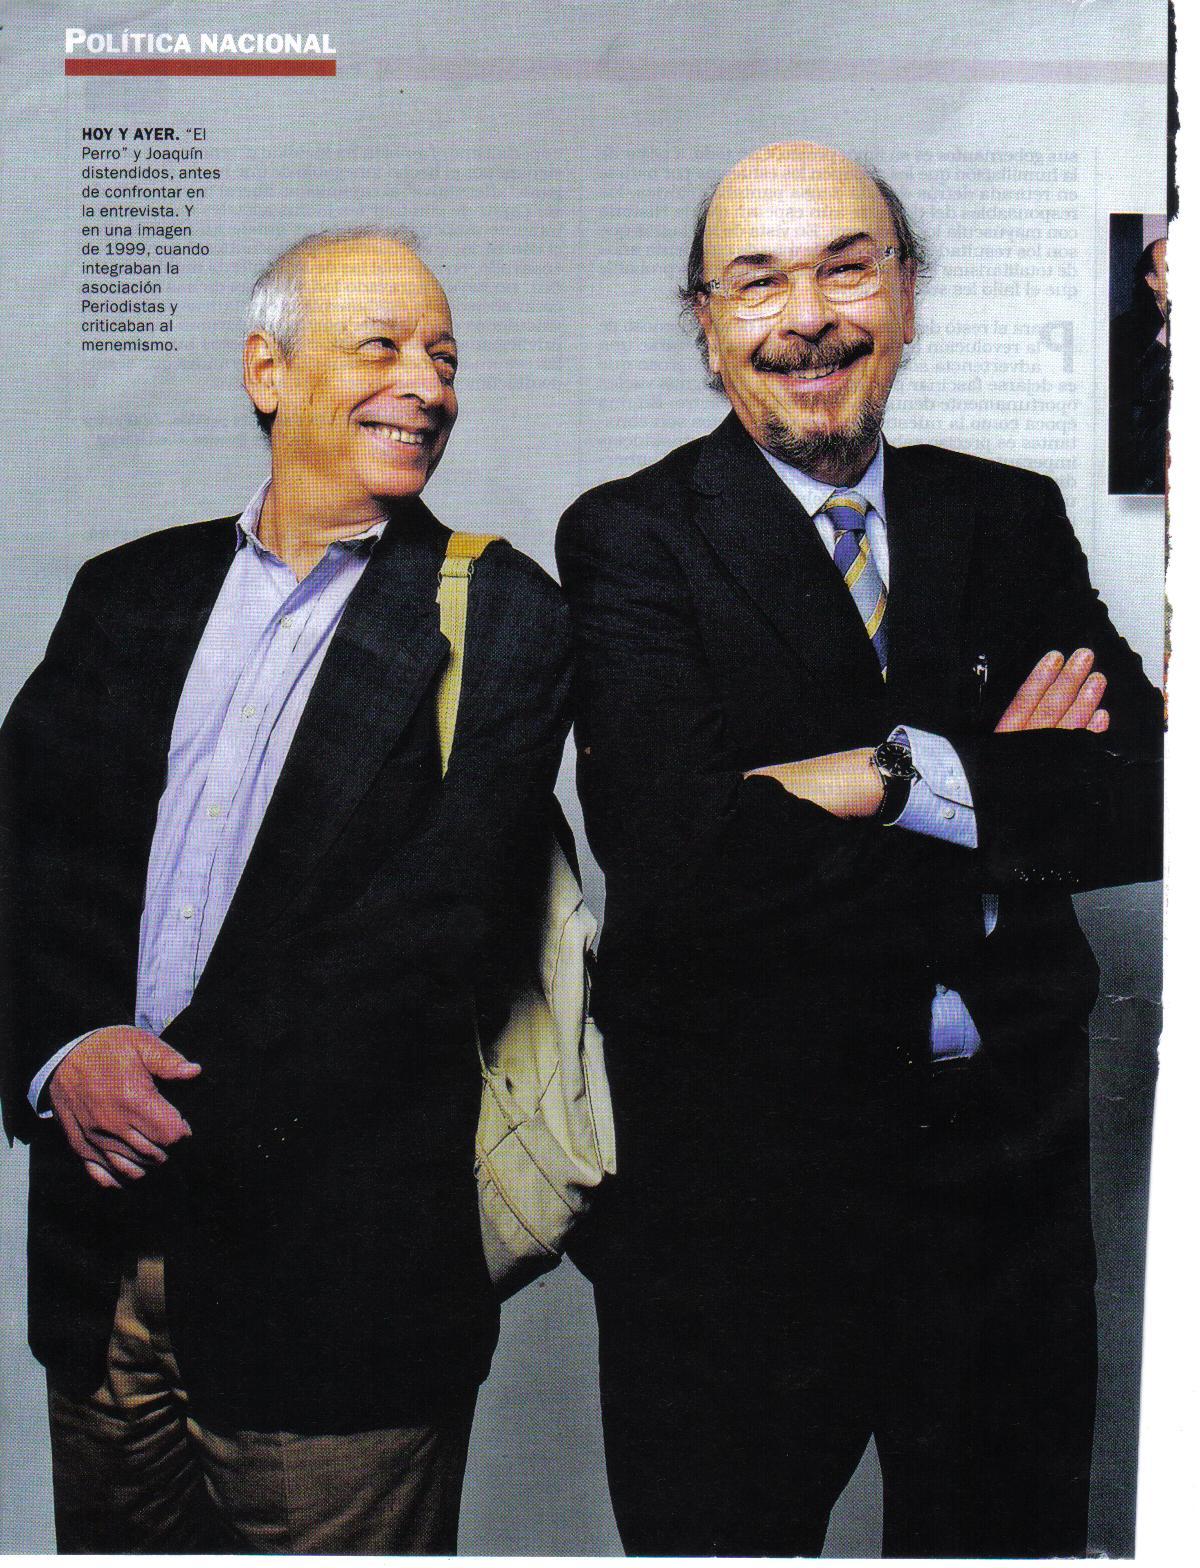 http://2.bp.blogspot.com/-14EYNOXneE0/UA3woNyLqOI/AAAAAAAAEvA/hdSCcD468Zc/s1600/Joaquin&Horacio.jpg